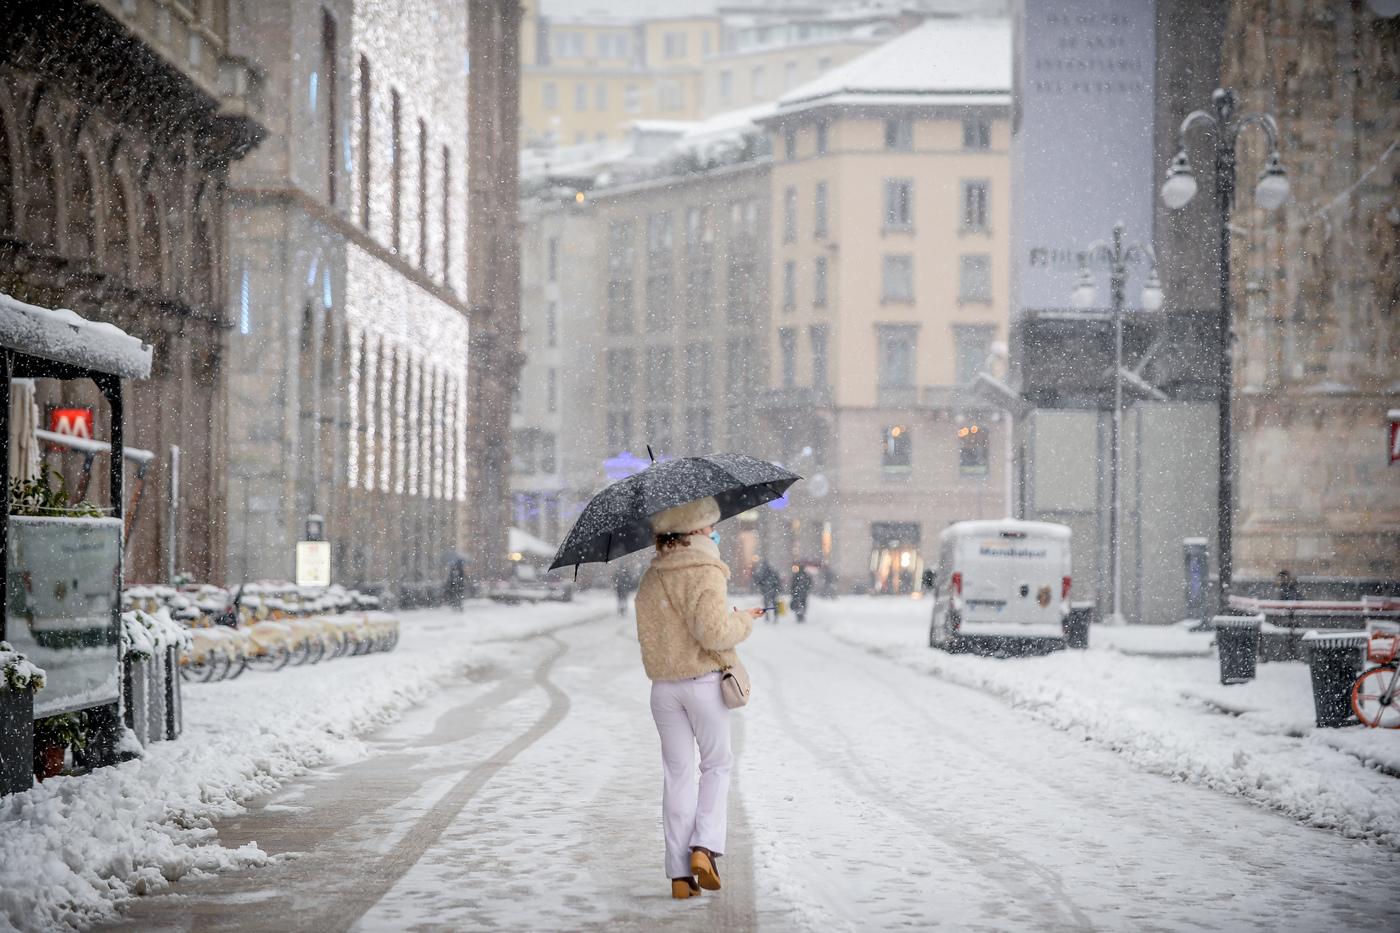 Milano si risveglia sotto la neve: le foto della città imbiancata